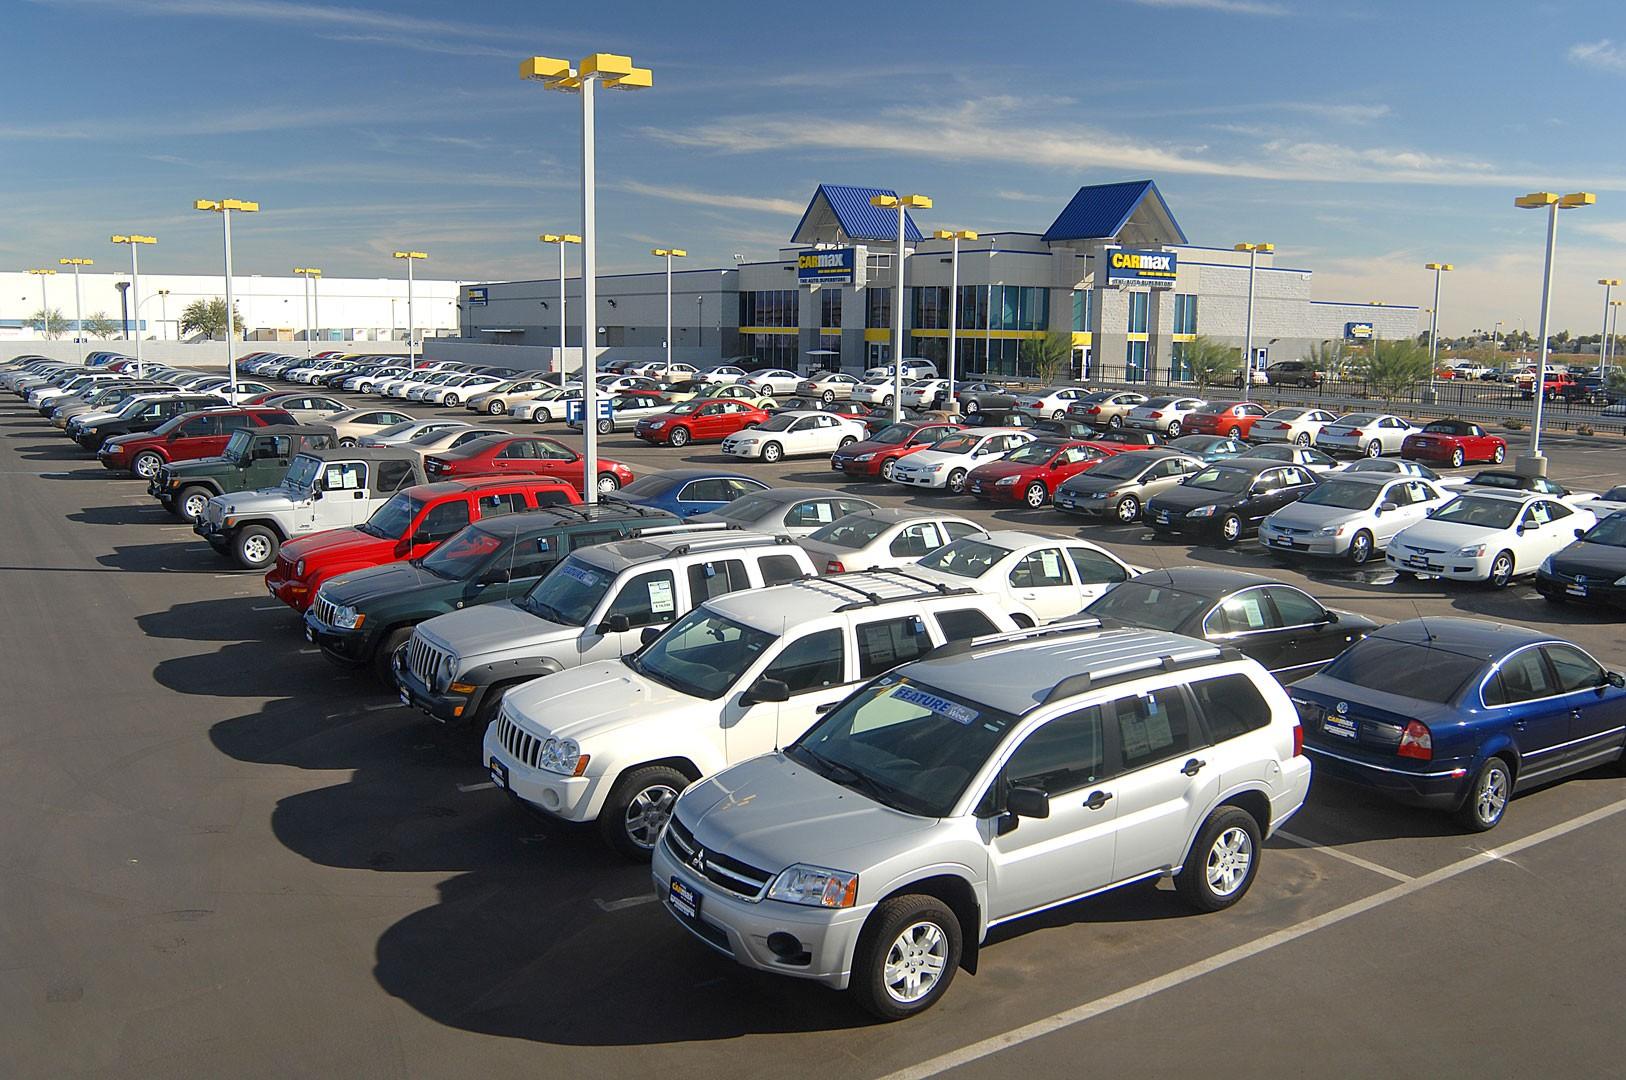 Les meilleurs sites de vente de voitures d'occasion ...